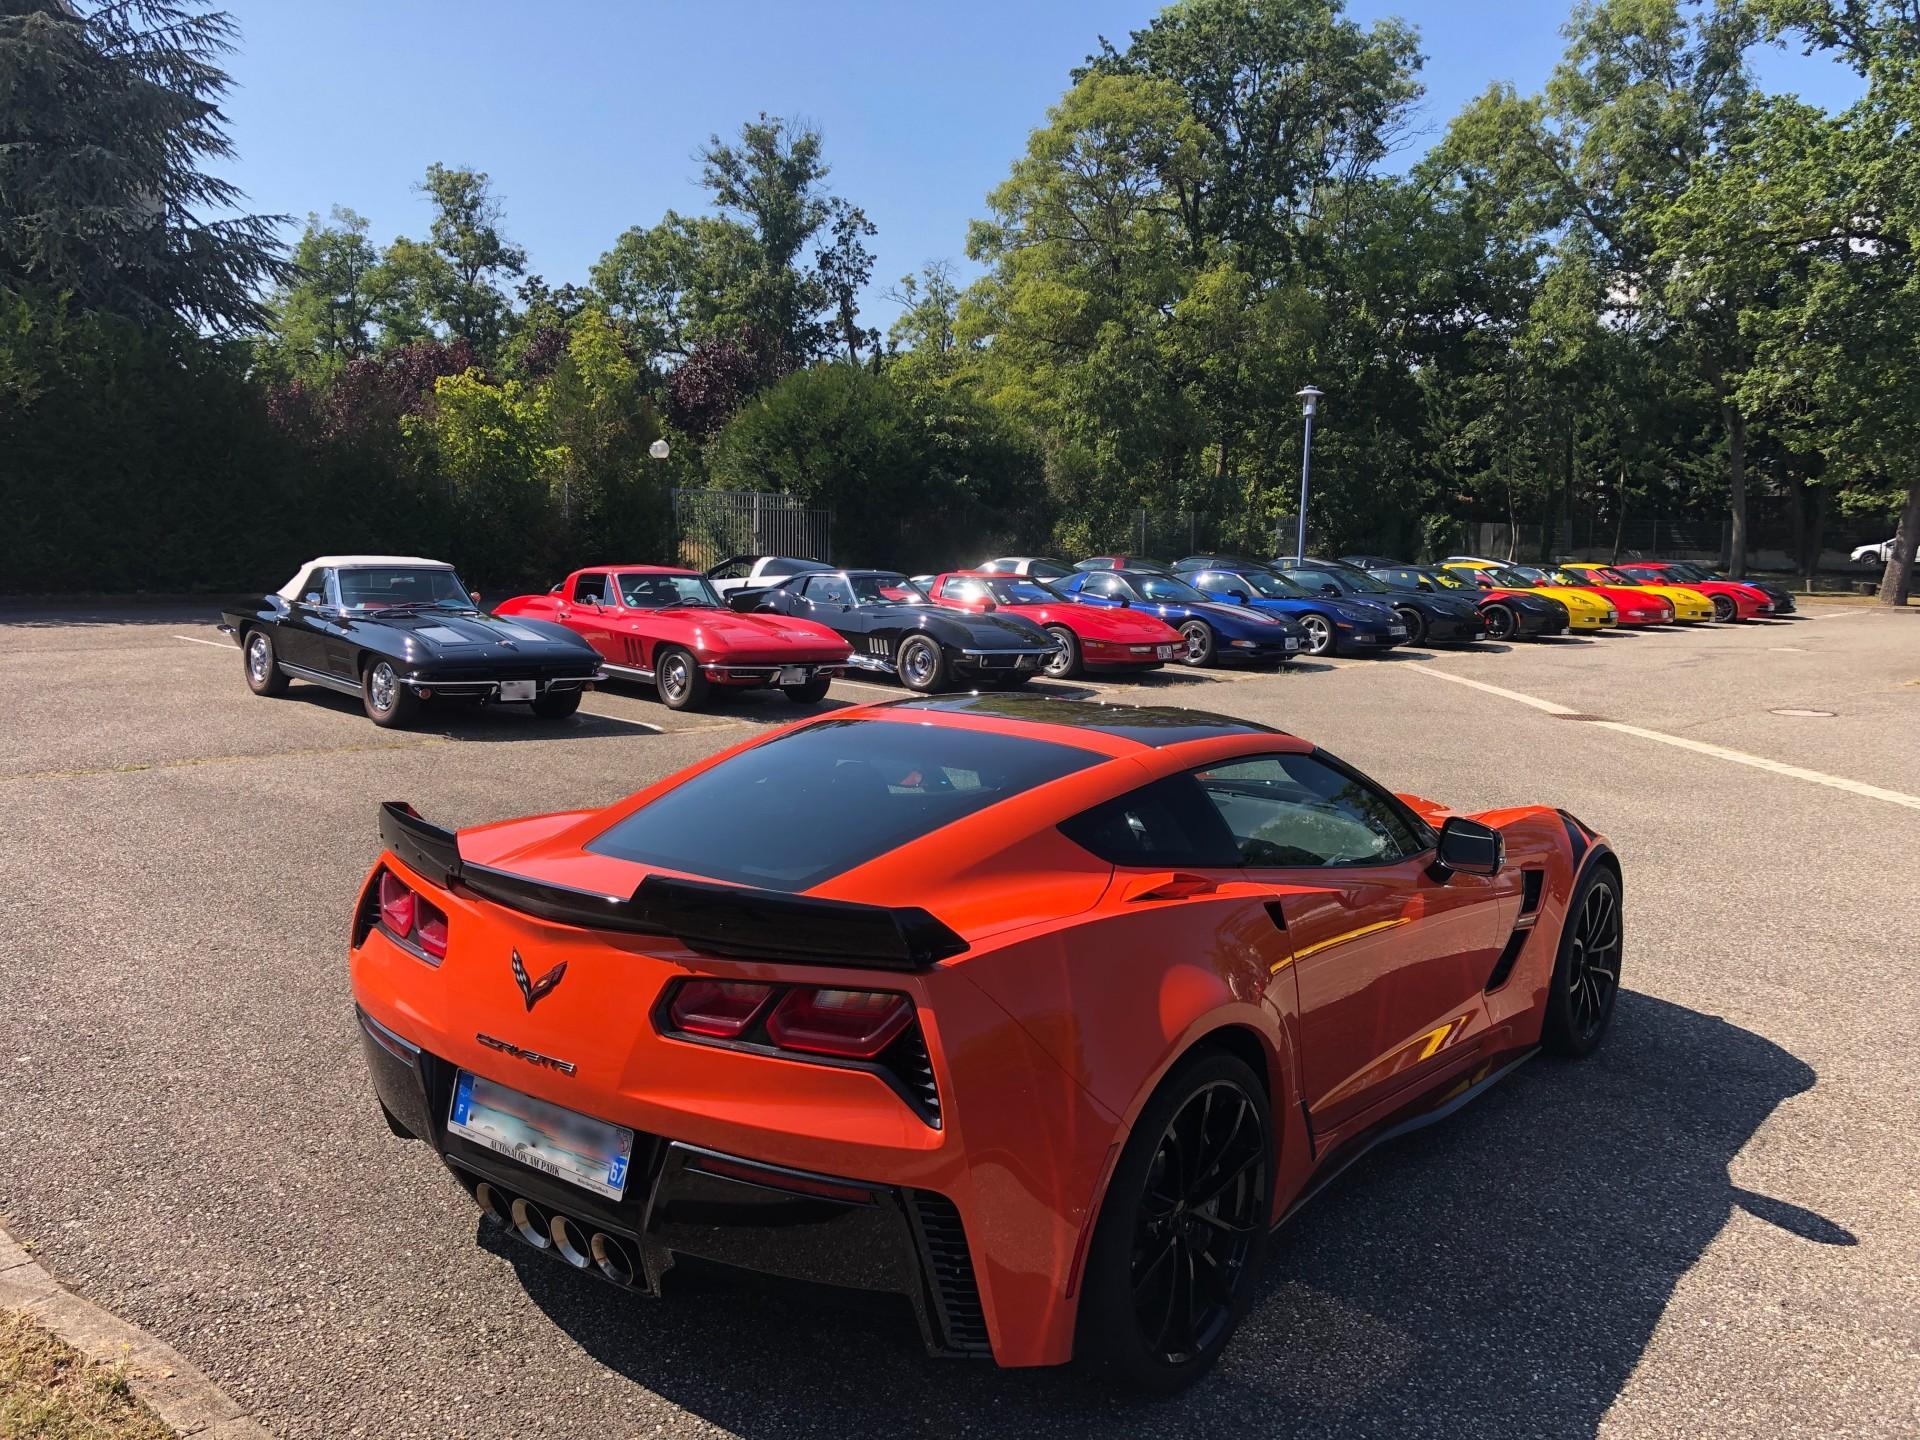 Corvette day 21